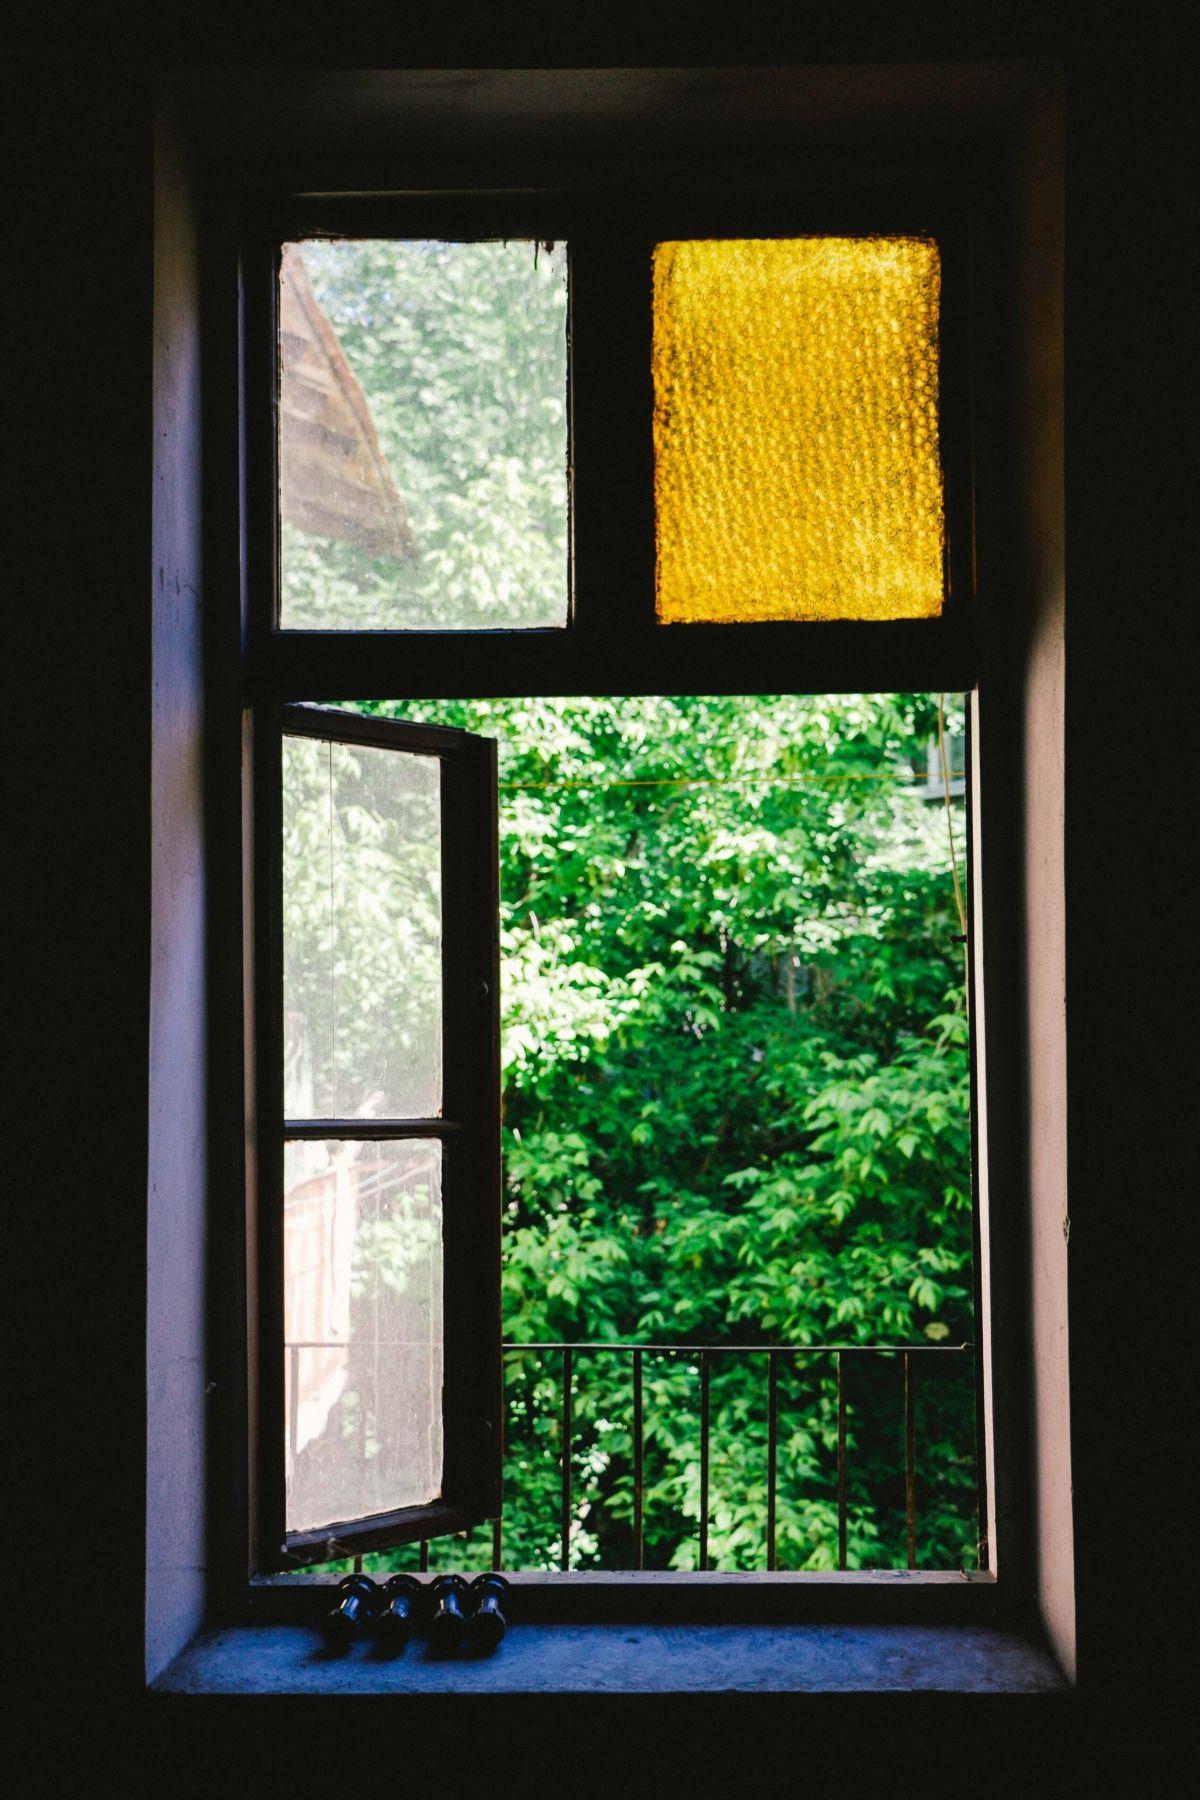 Fenêtre ouverte dans la maison